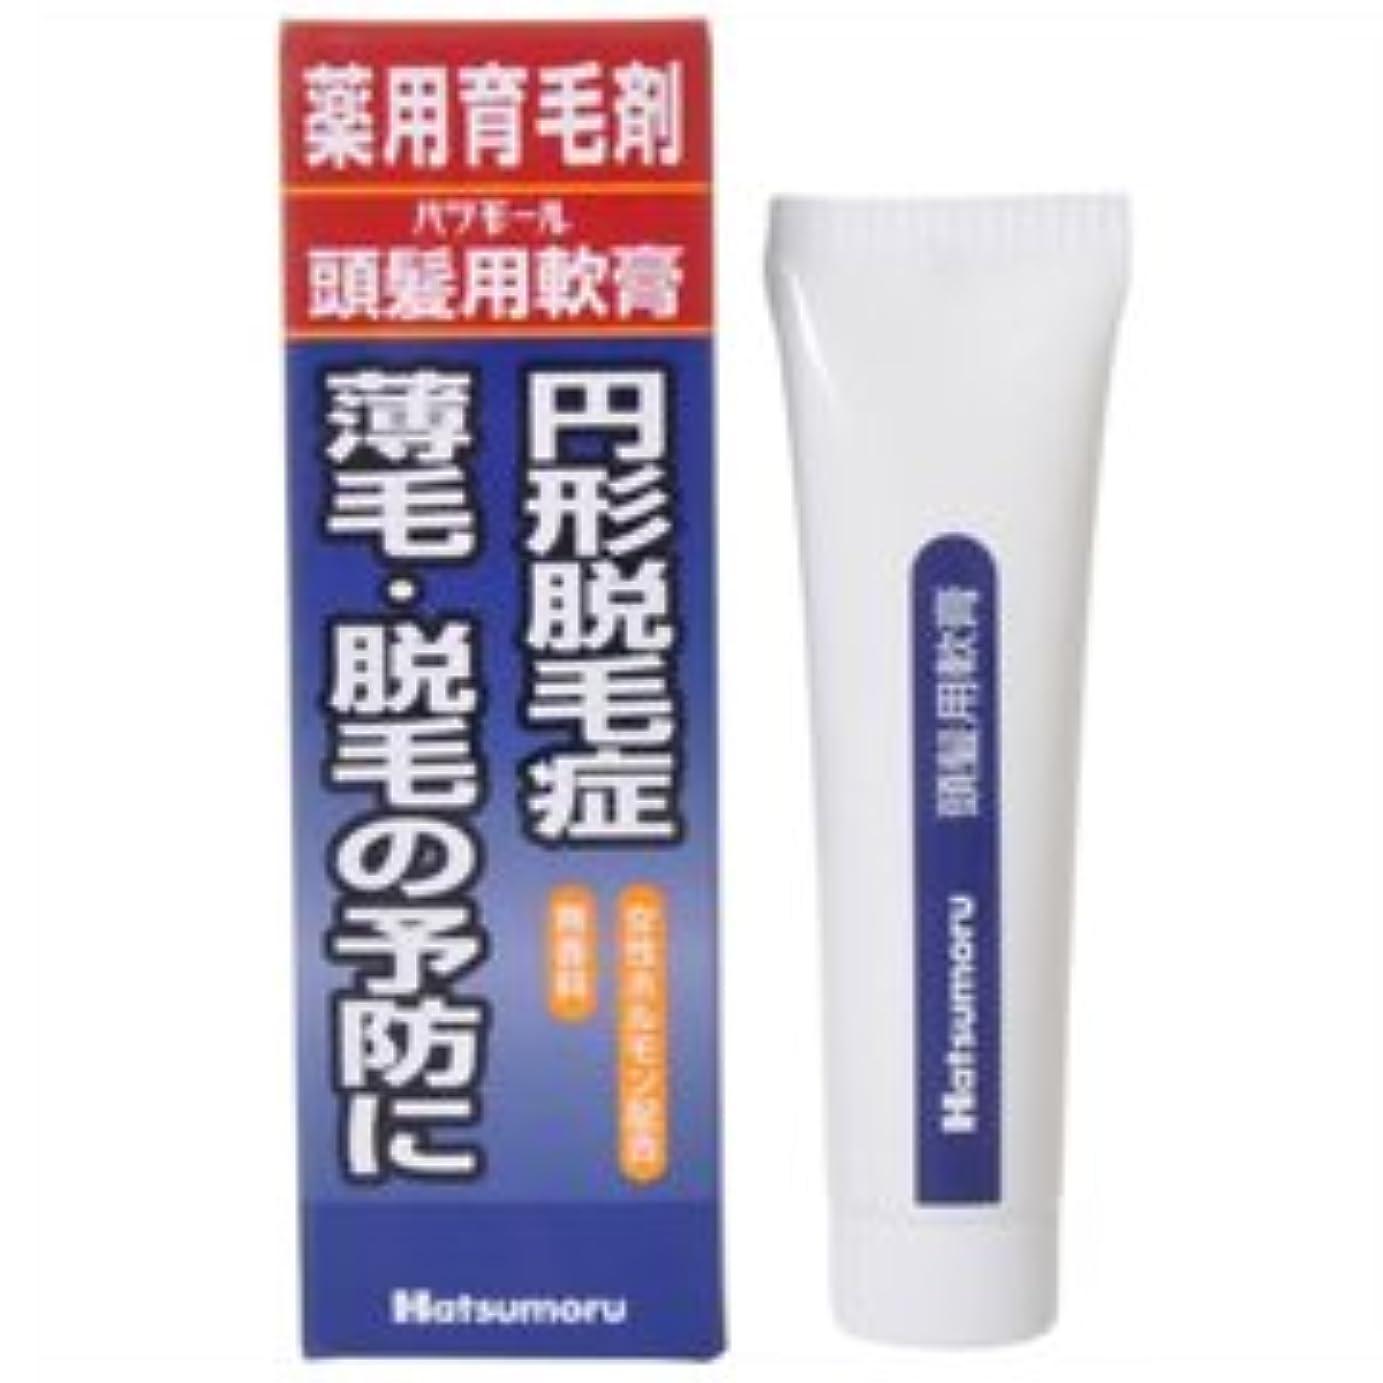 これまで革命マット【田村治照堂】ハツモール 頭髪用軟膏 25g